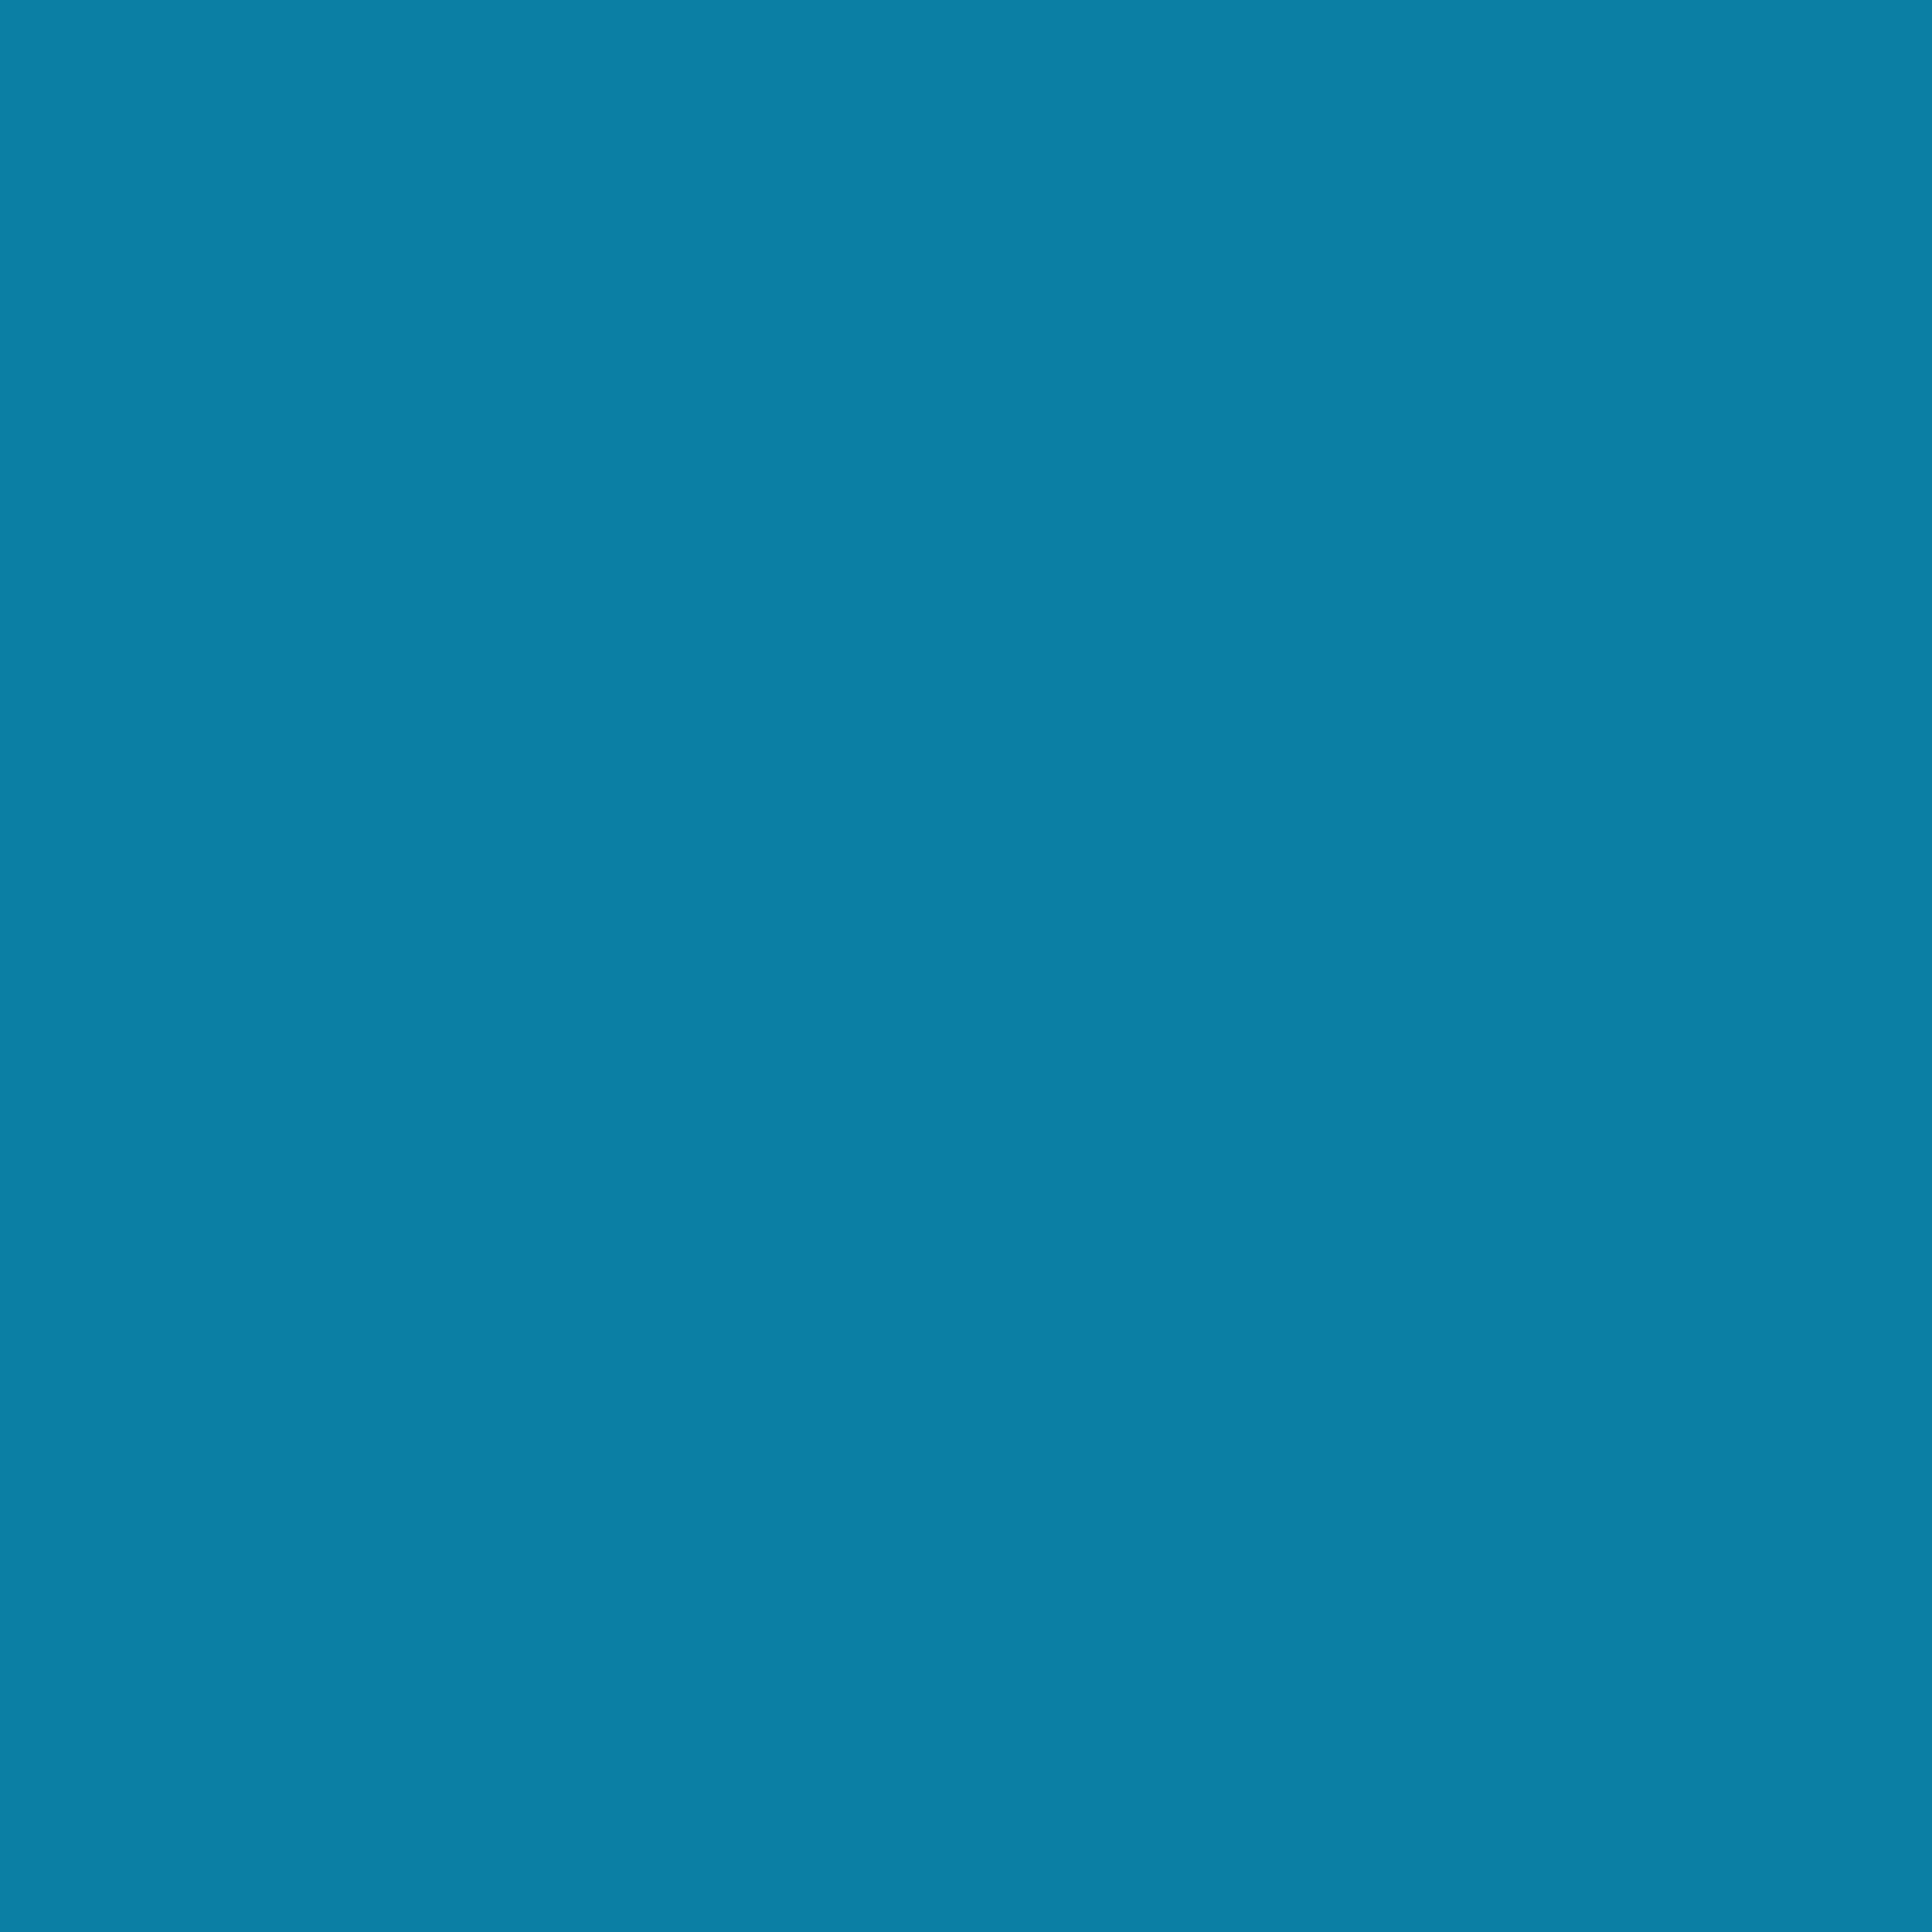 Dark Blue   HEX: #087FA3   RGB: 8, 127, 163   CMYK: 86, 39, 23, 1